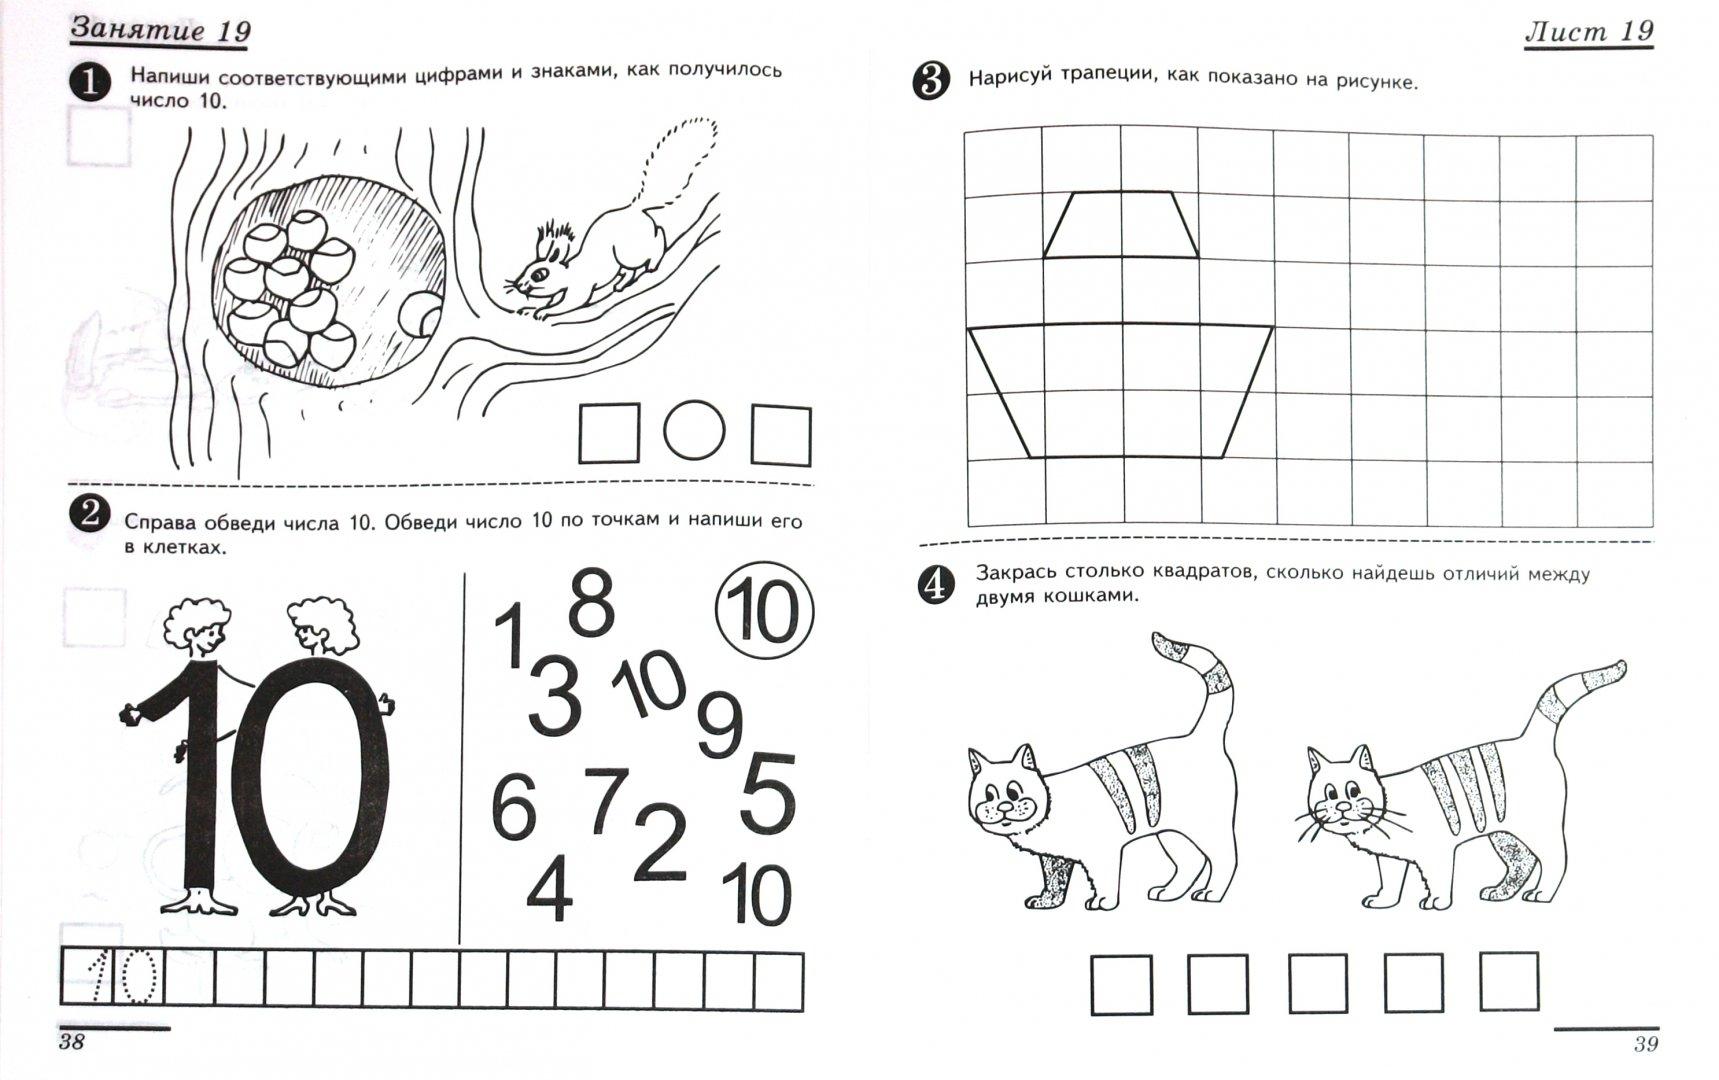 Иллюстрация 1 из 40 для Я считаю до десяти. Математика для детей 5-6 лет. ФГОС ДО - Елена Колесникова | Лабиринт - книги. Источник: Лабиринт